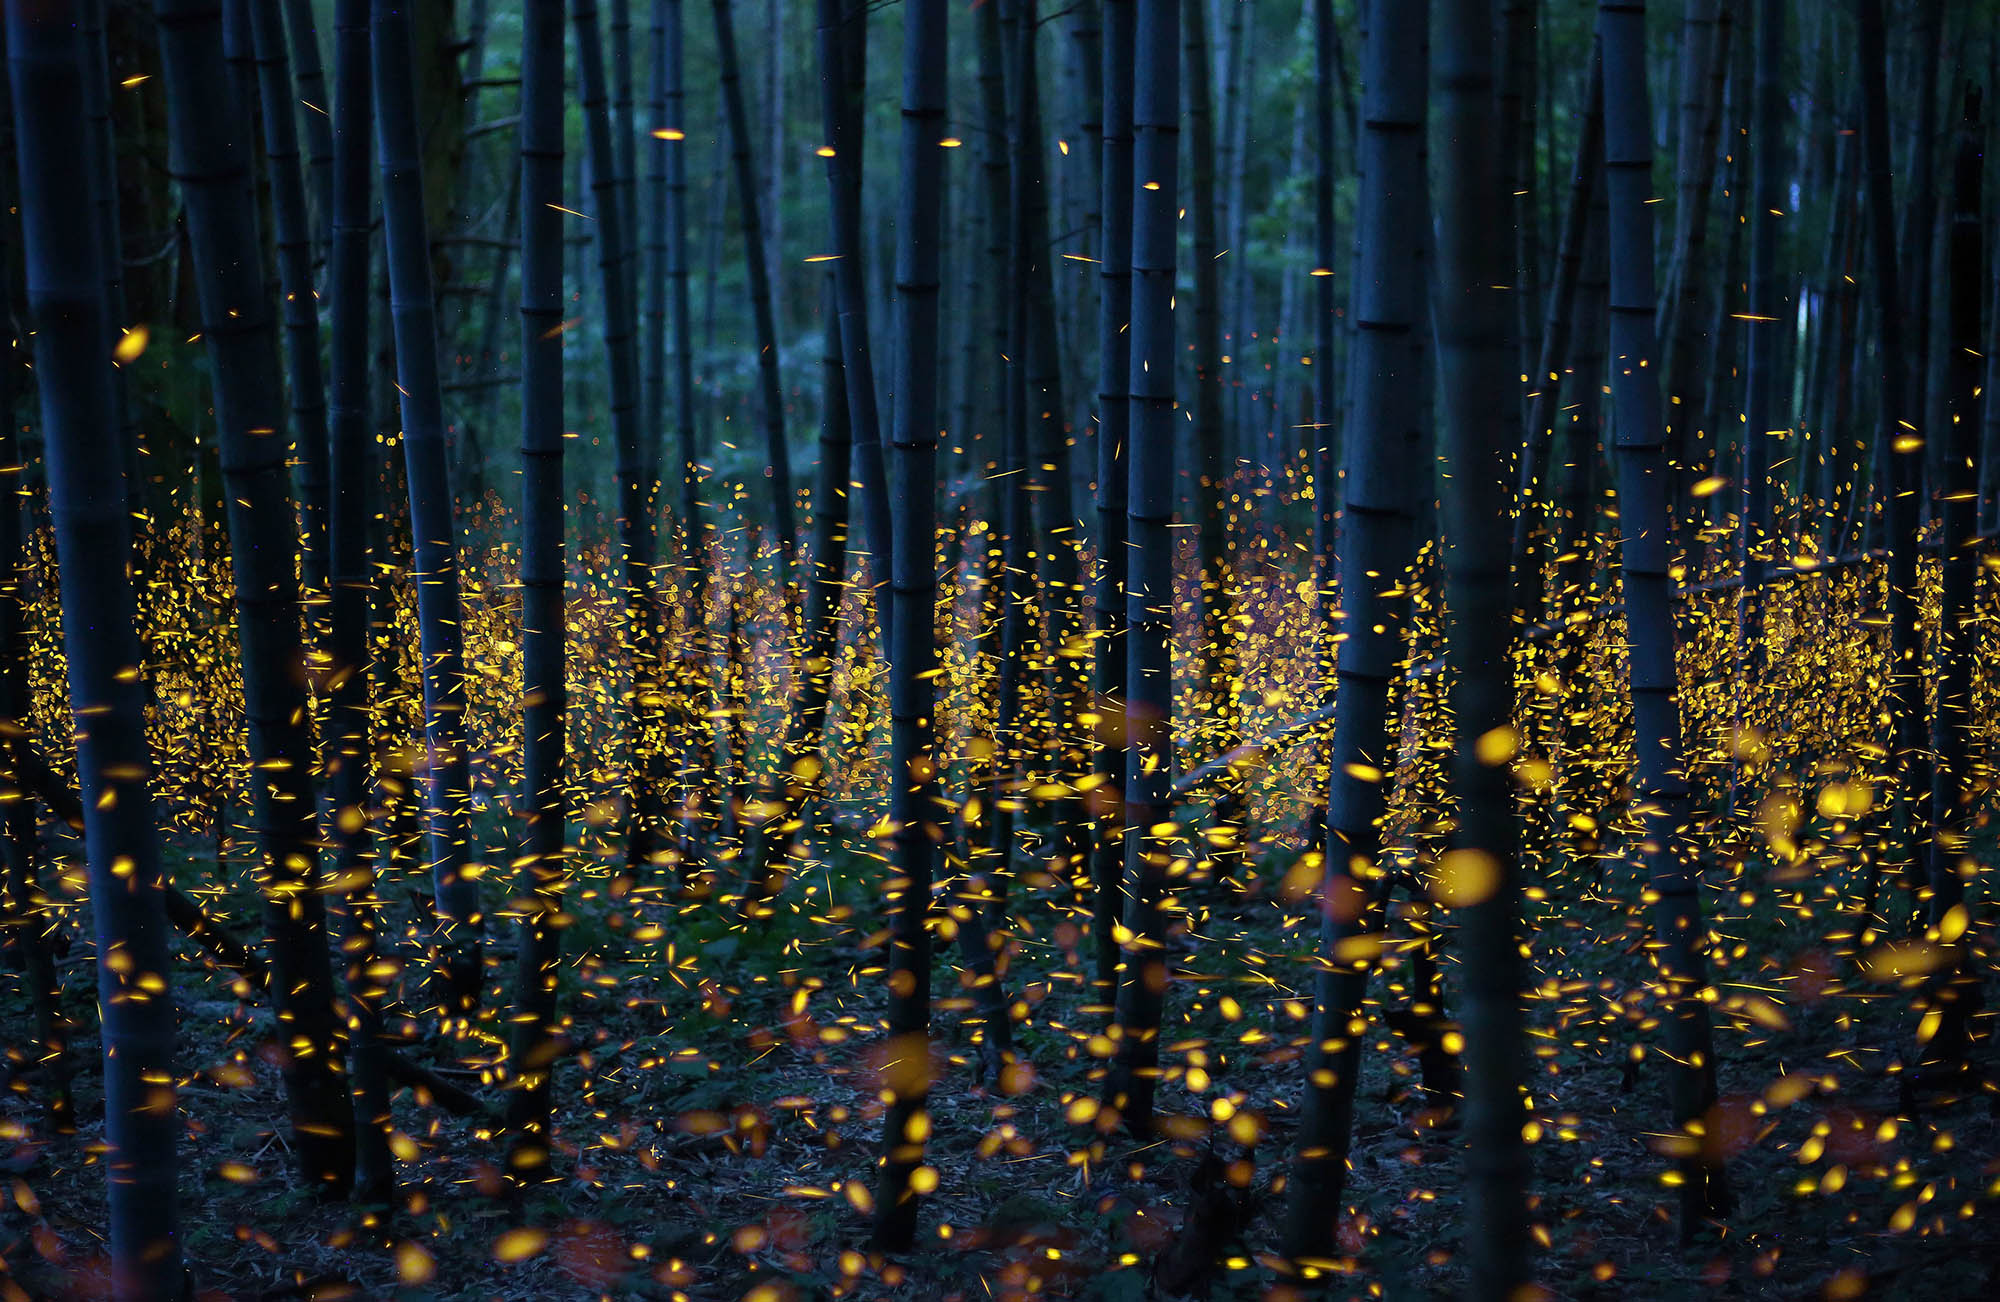 Revoir les lucioles